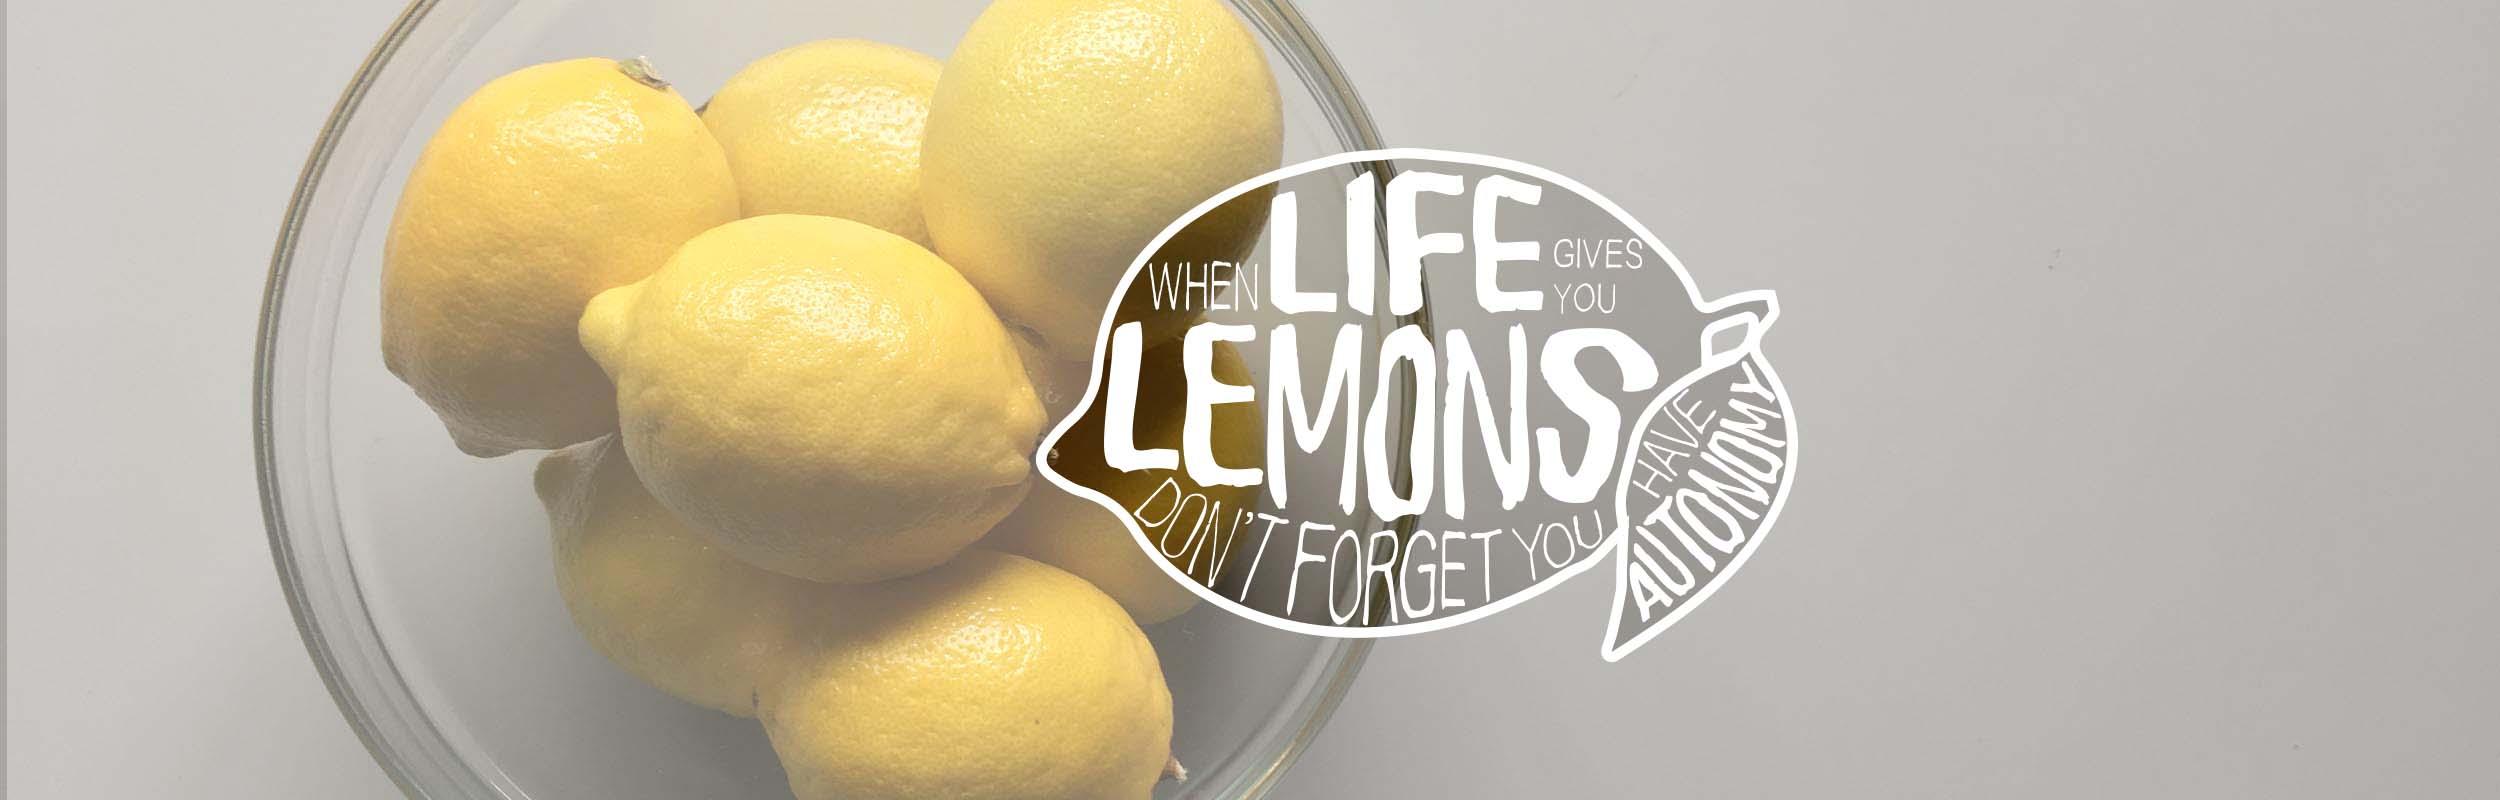 Lemon bowl_left_white overlay_have_repositioned.jpg